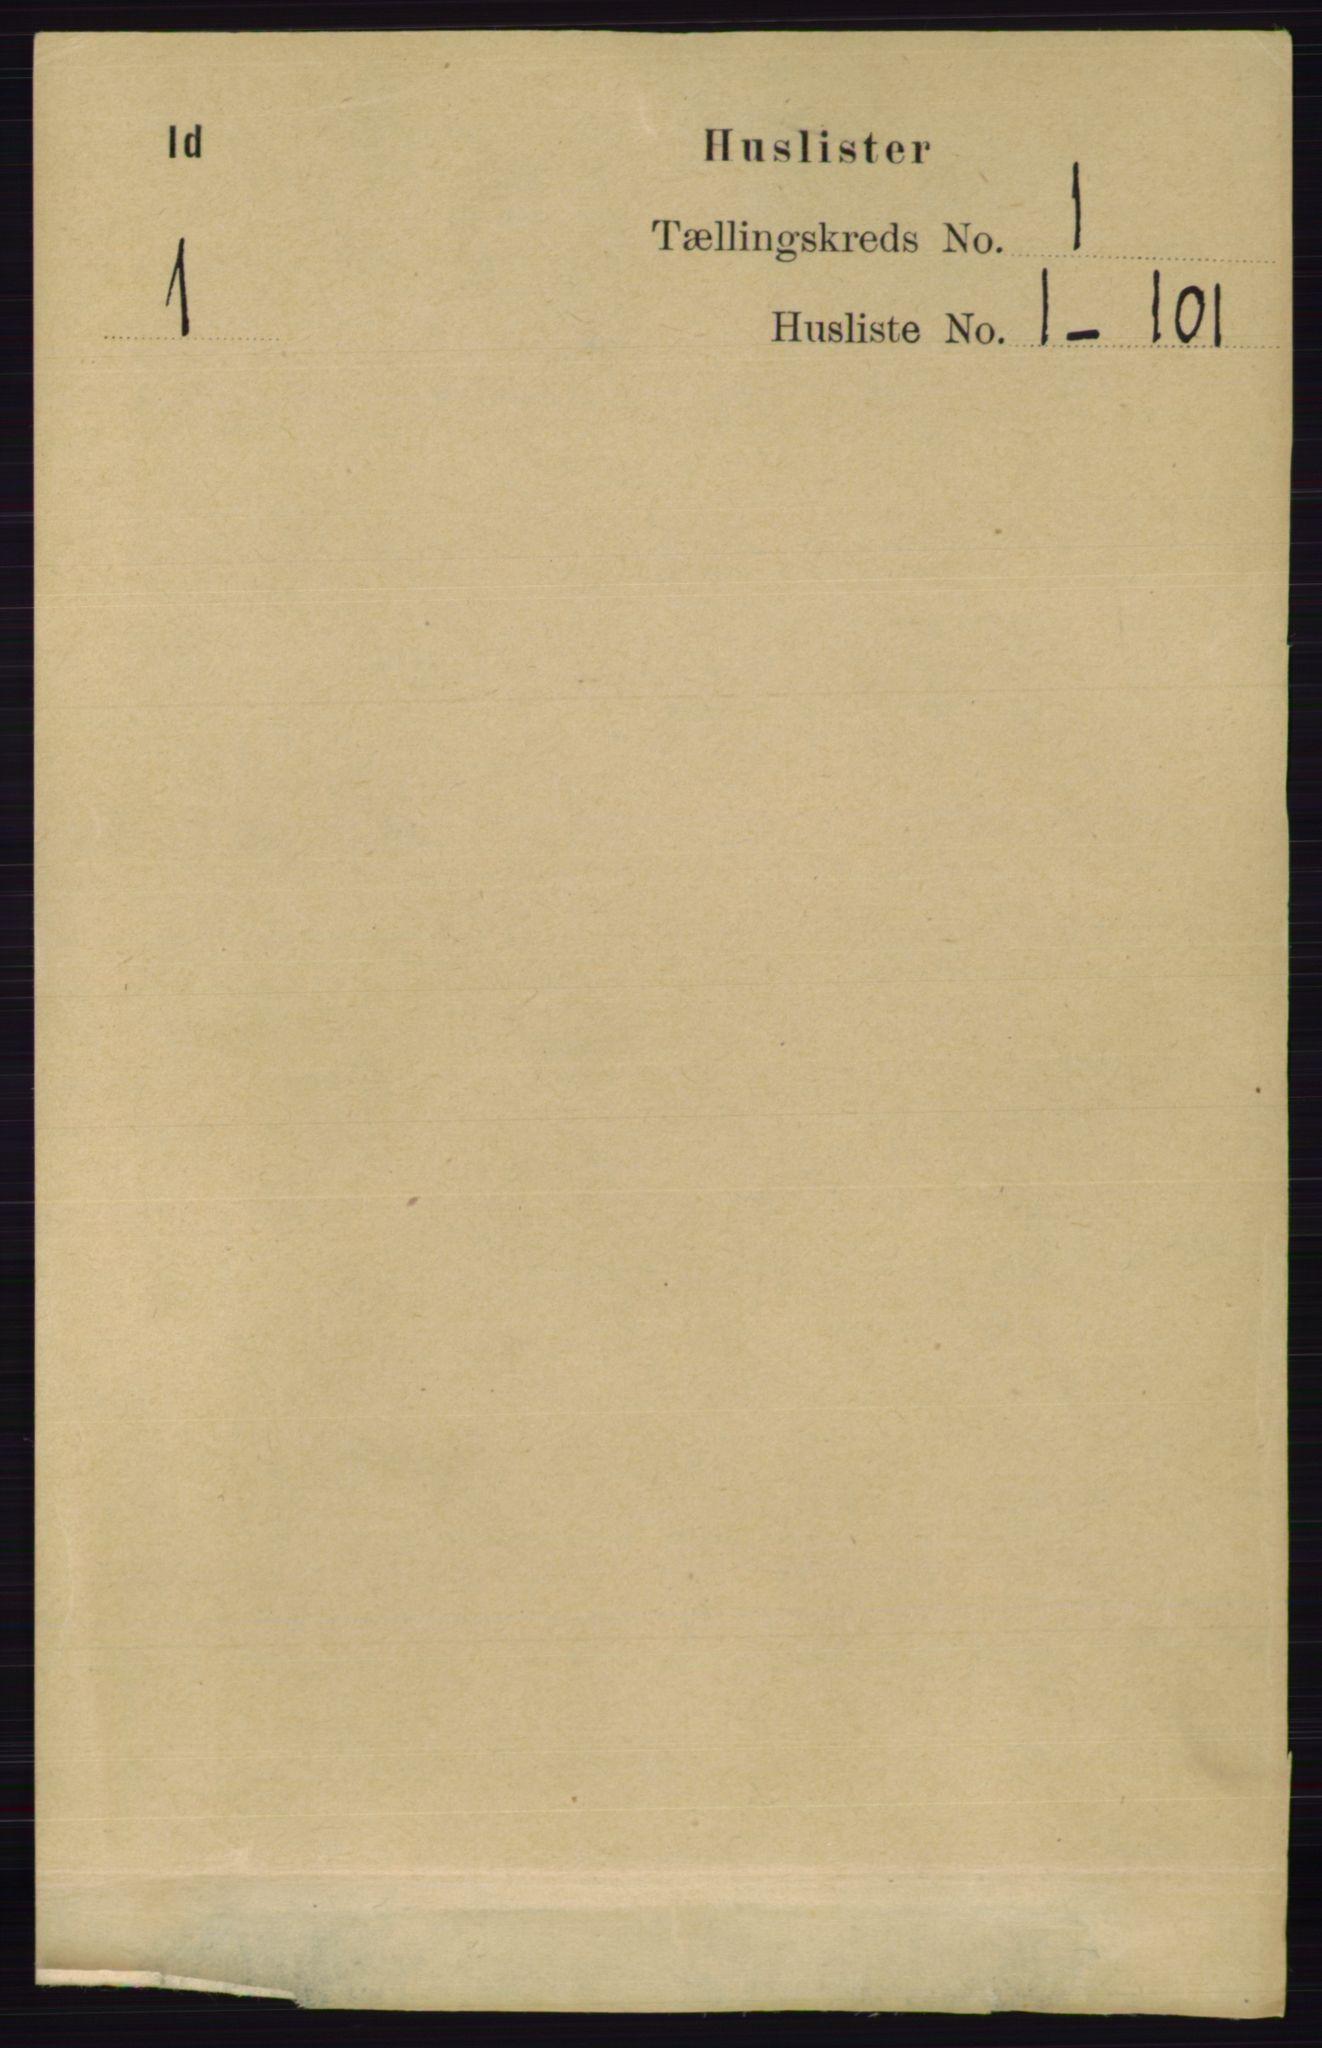 RA, Folketelling 1891 for 0117 Idd herred, 1891, s. 23